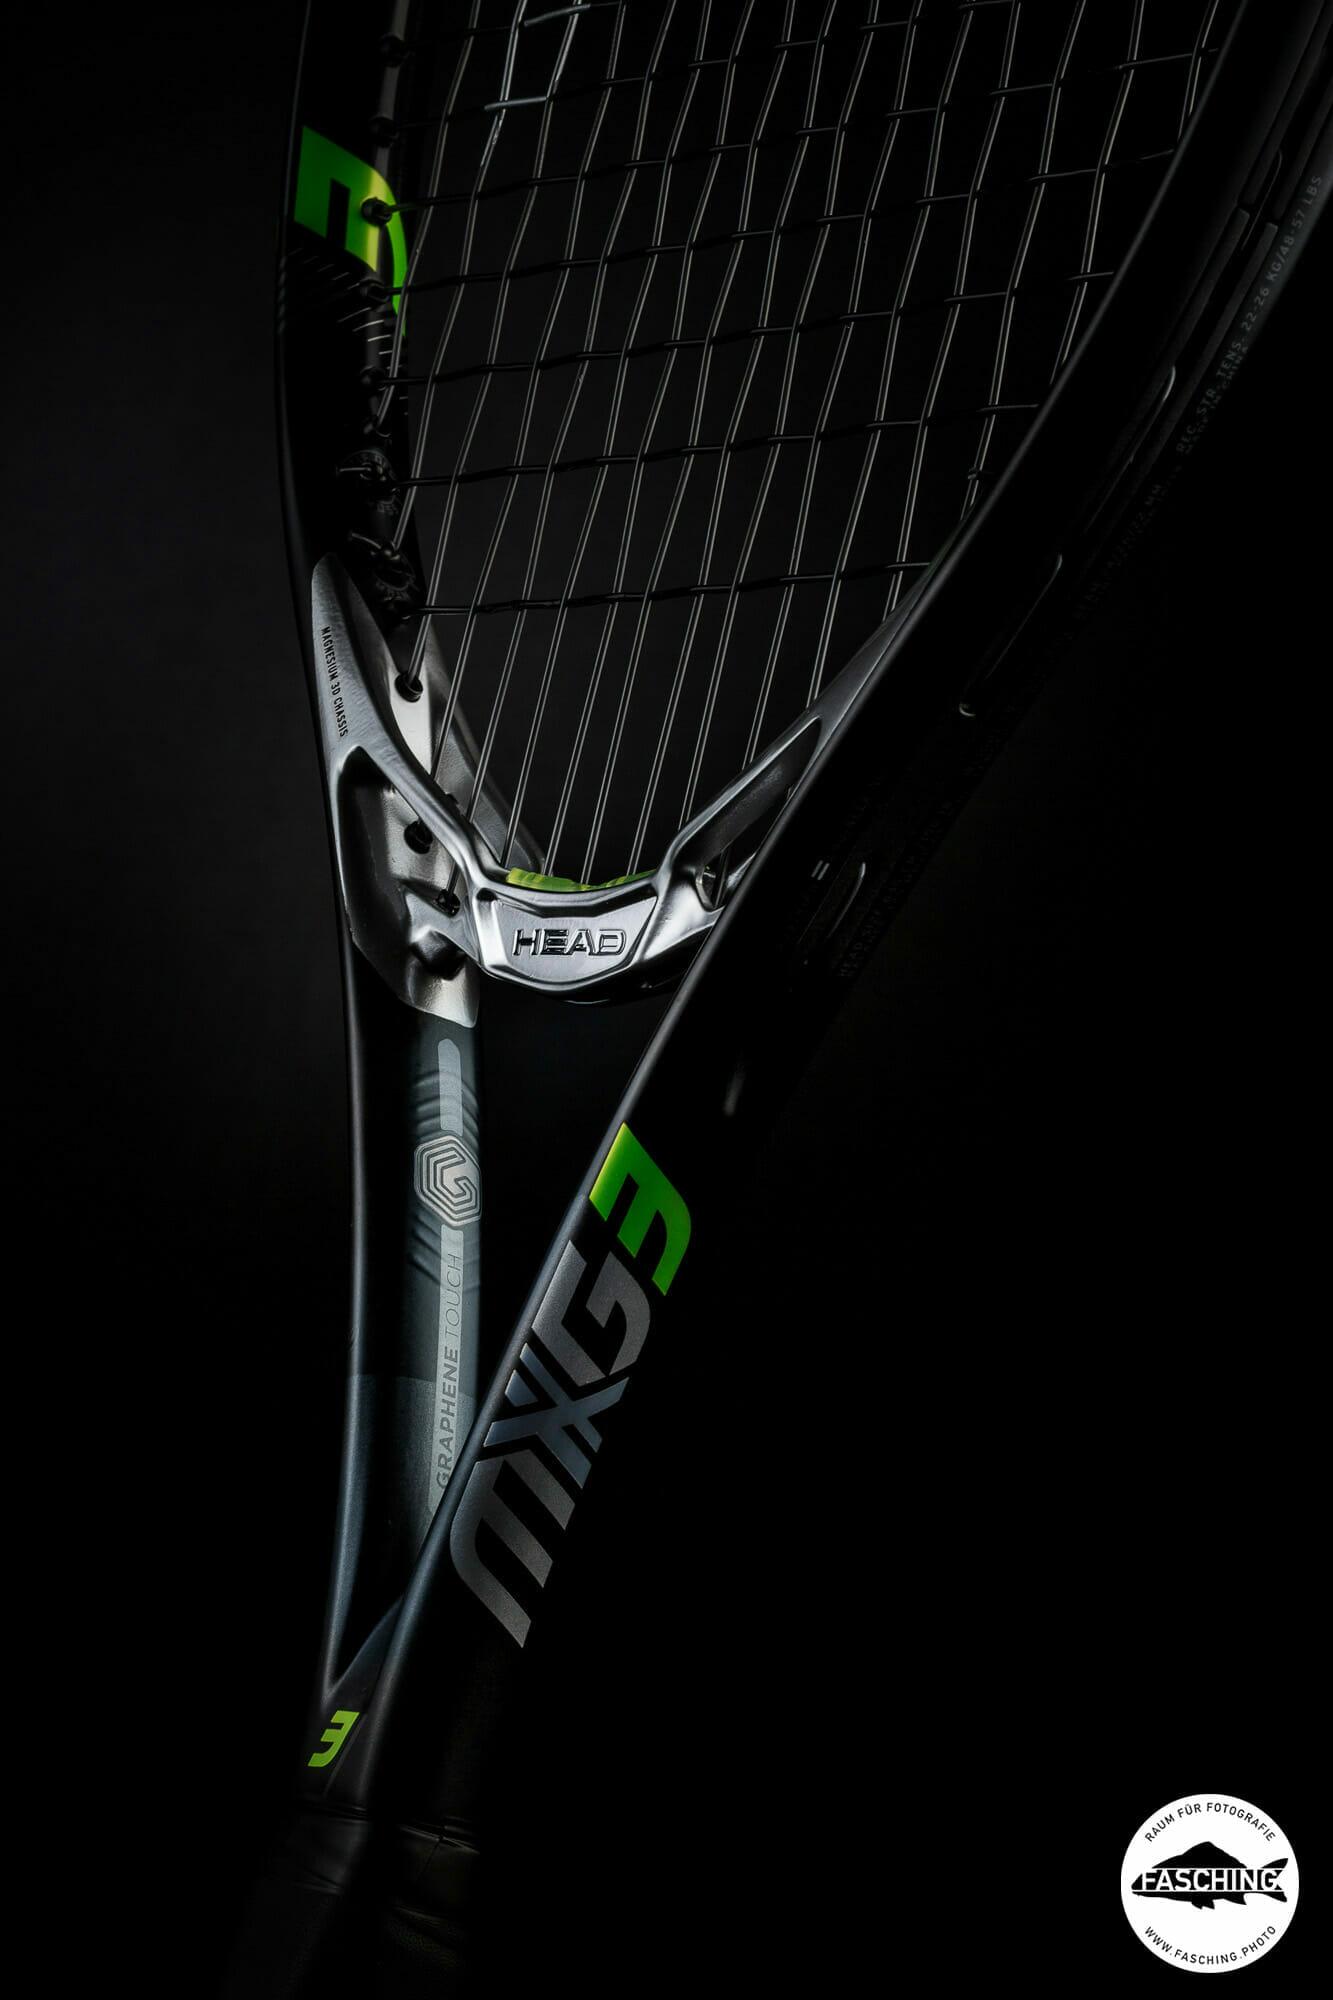 Produktfotograf Reinhard Fasching hat die neuen MXG Raquets im Studio Fasching in Bregenz fotografiert